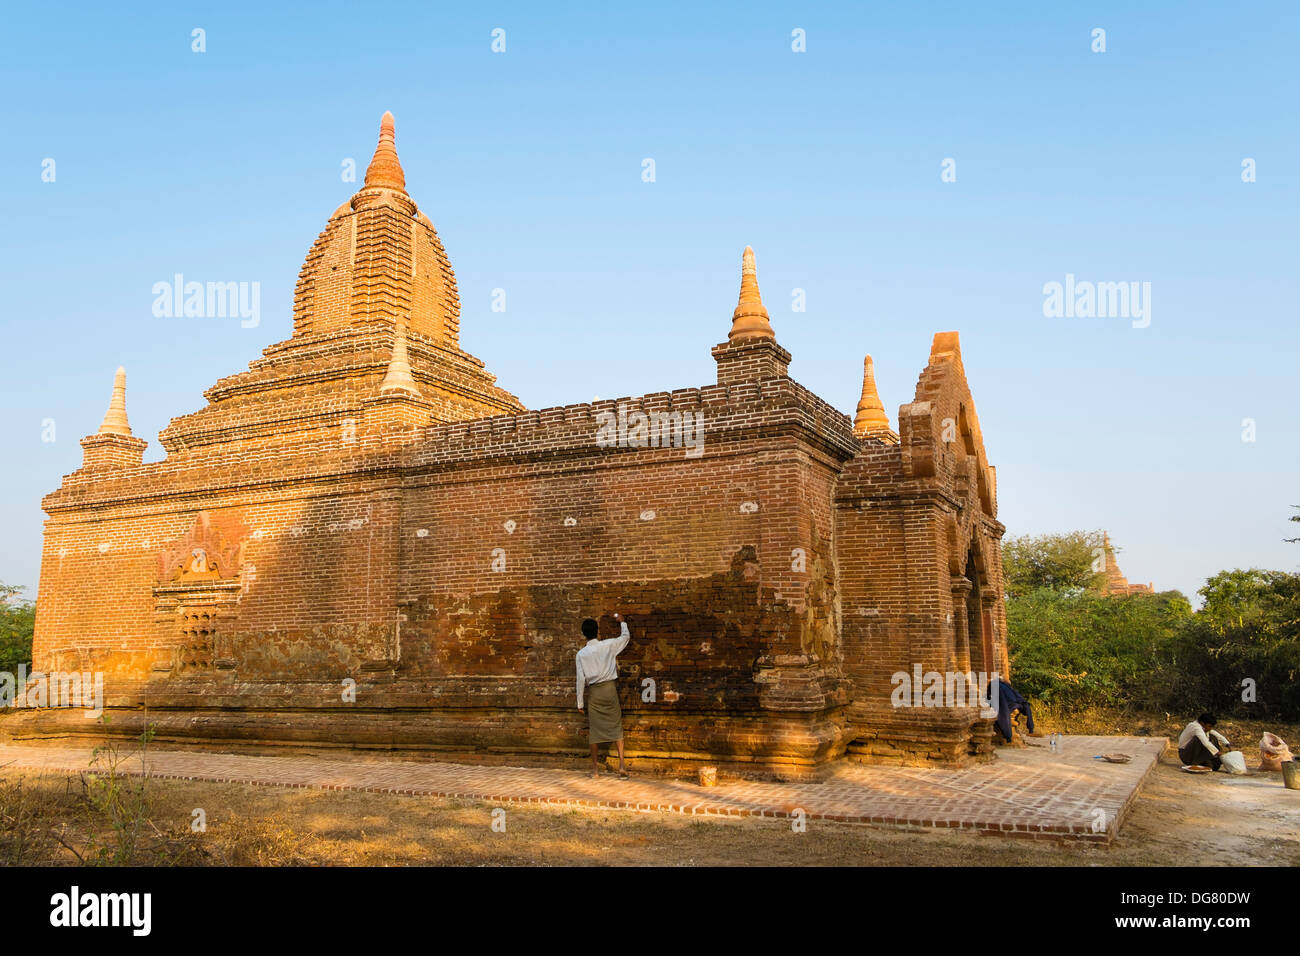 Restoration, Bagan, Myanmar, Asia - Stock Image